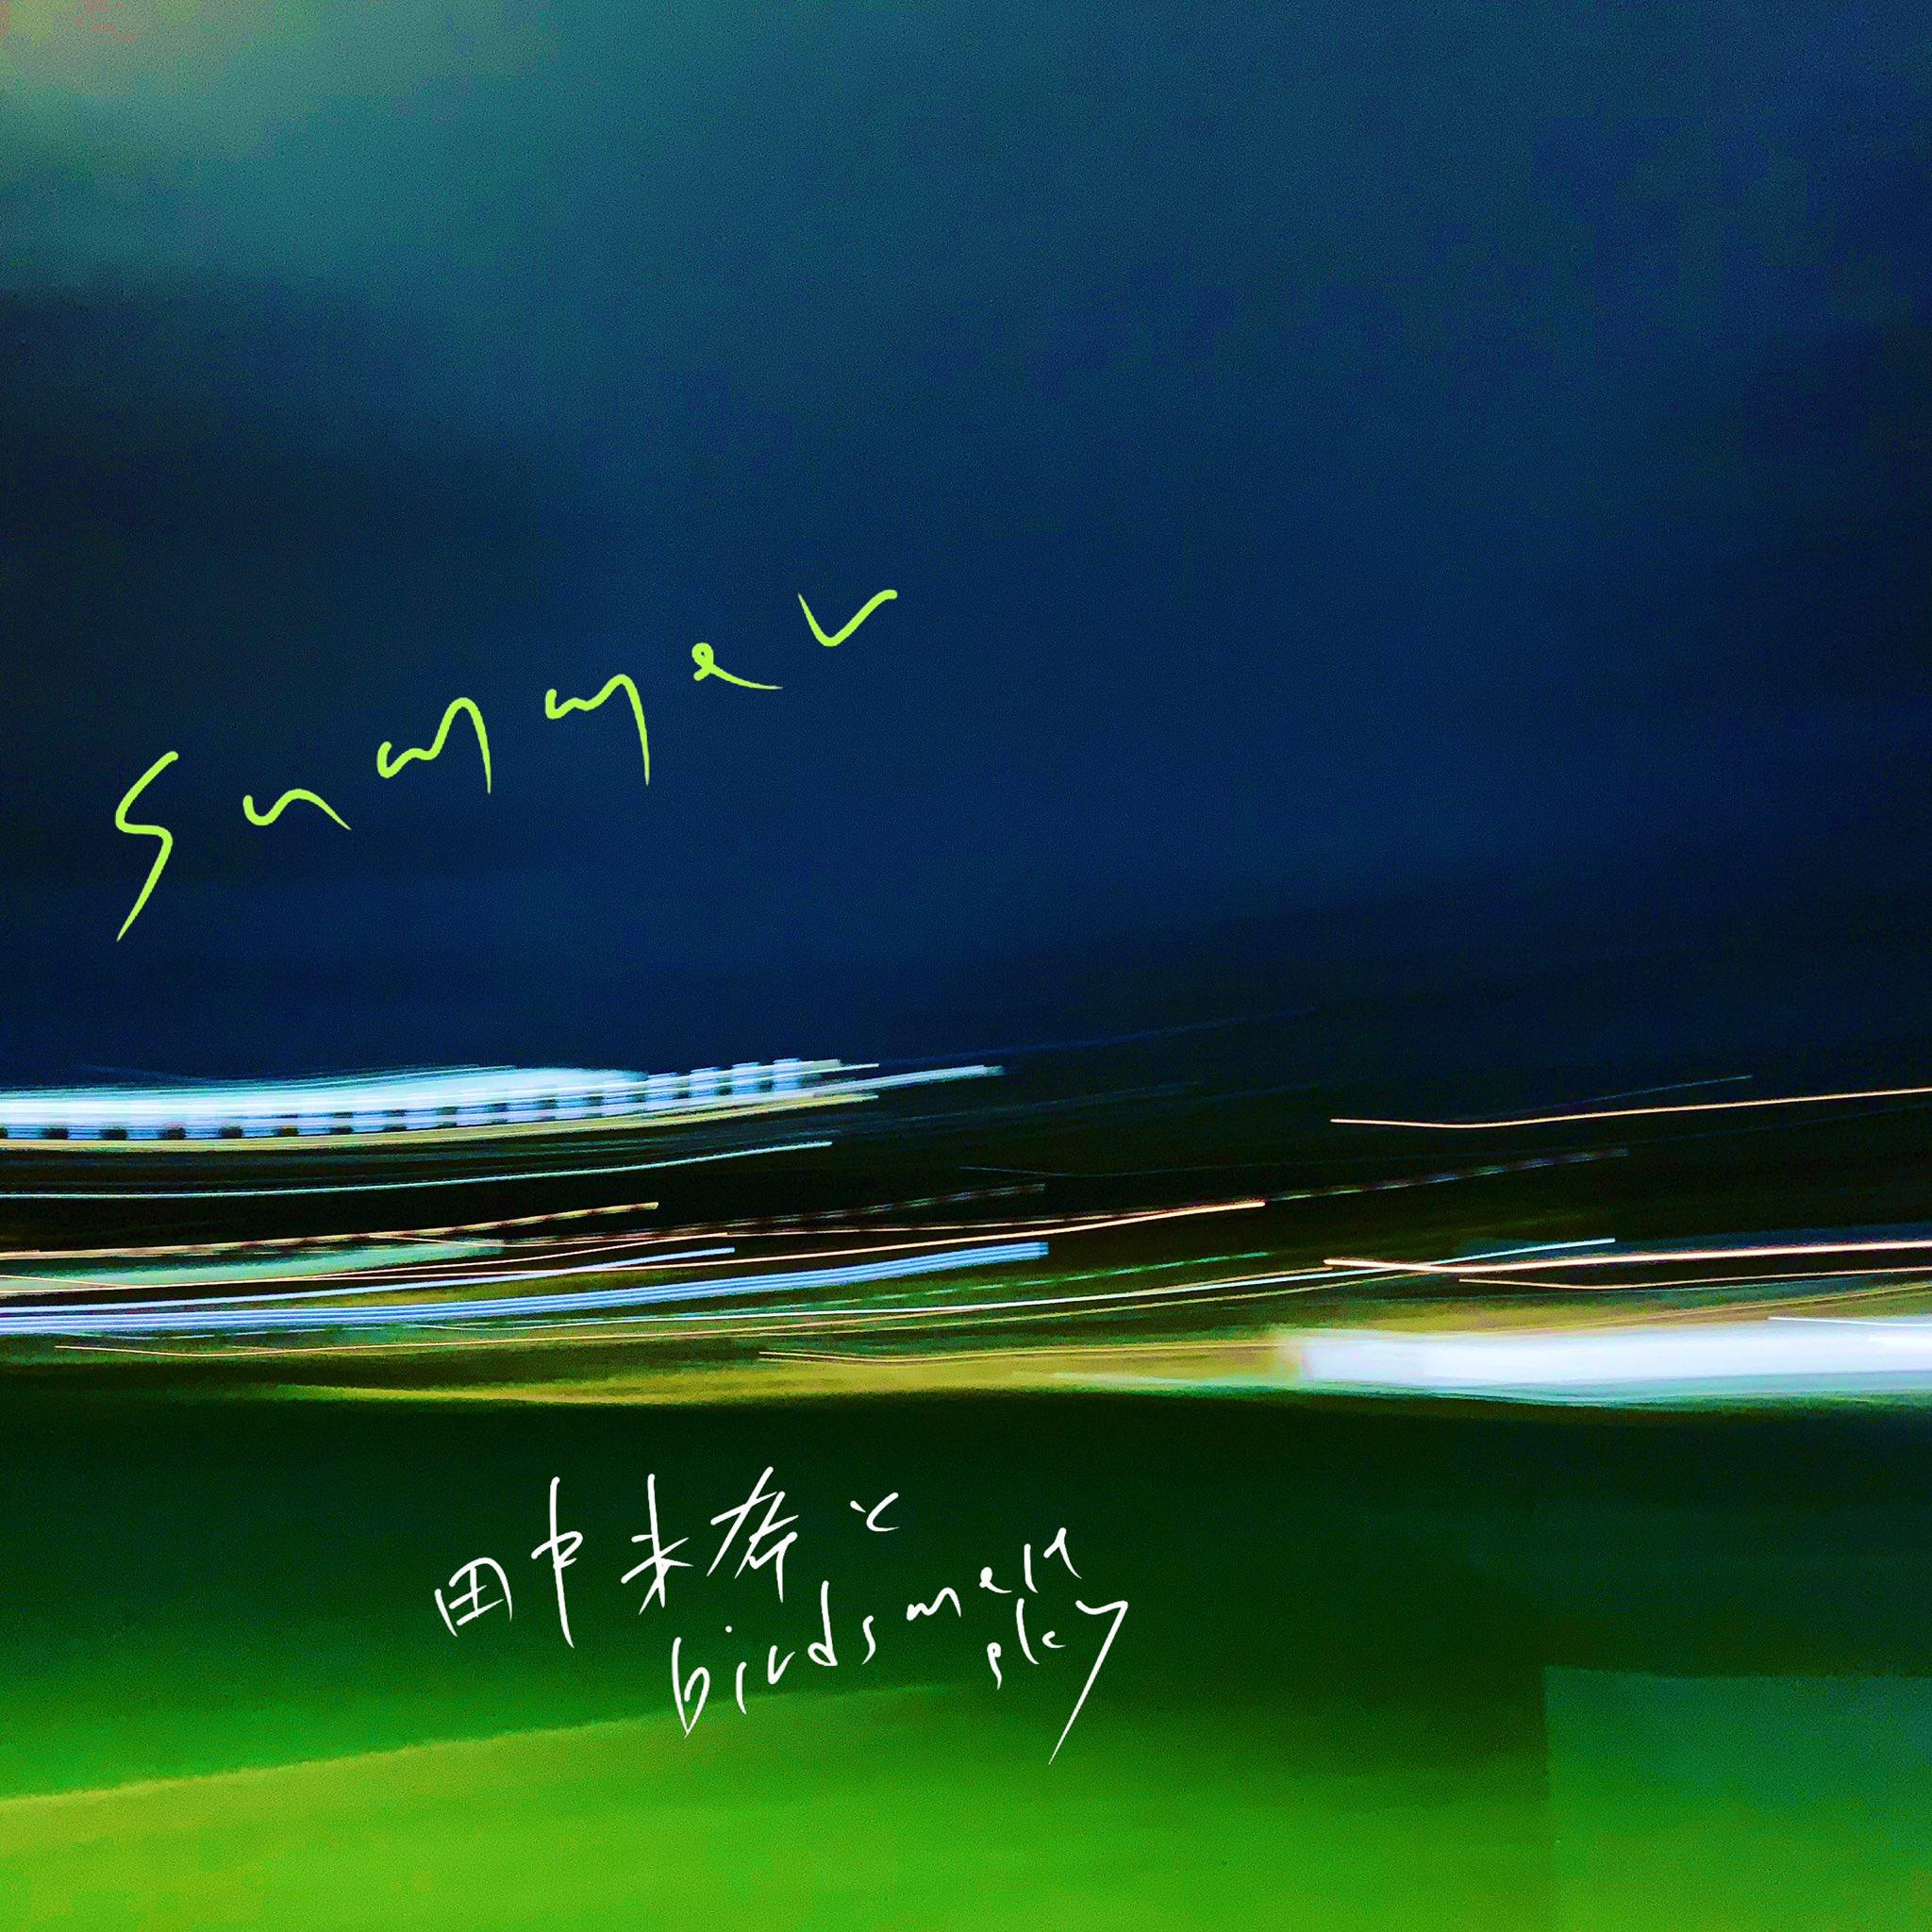 summer  -田中未希とbirds melt sky-